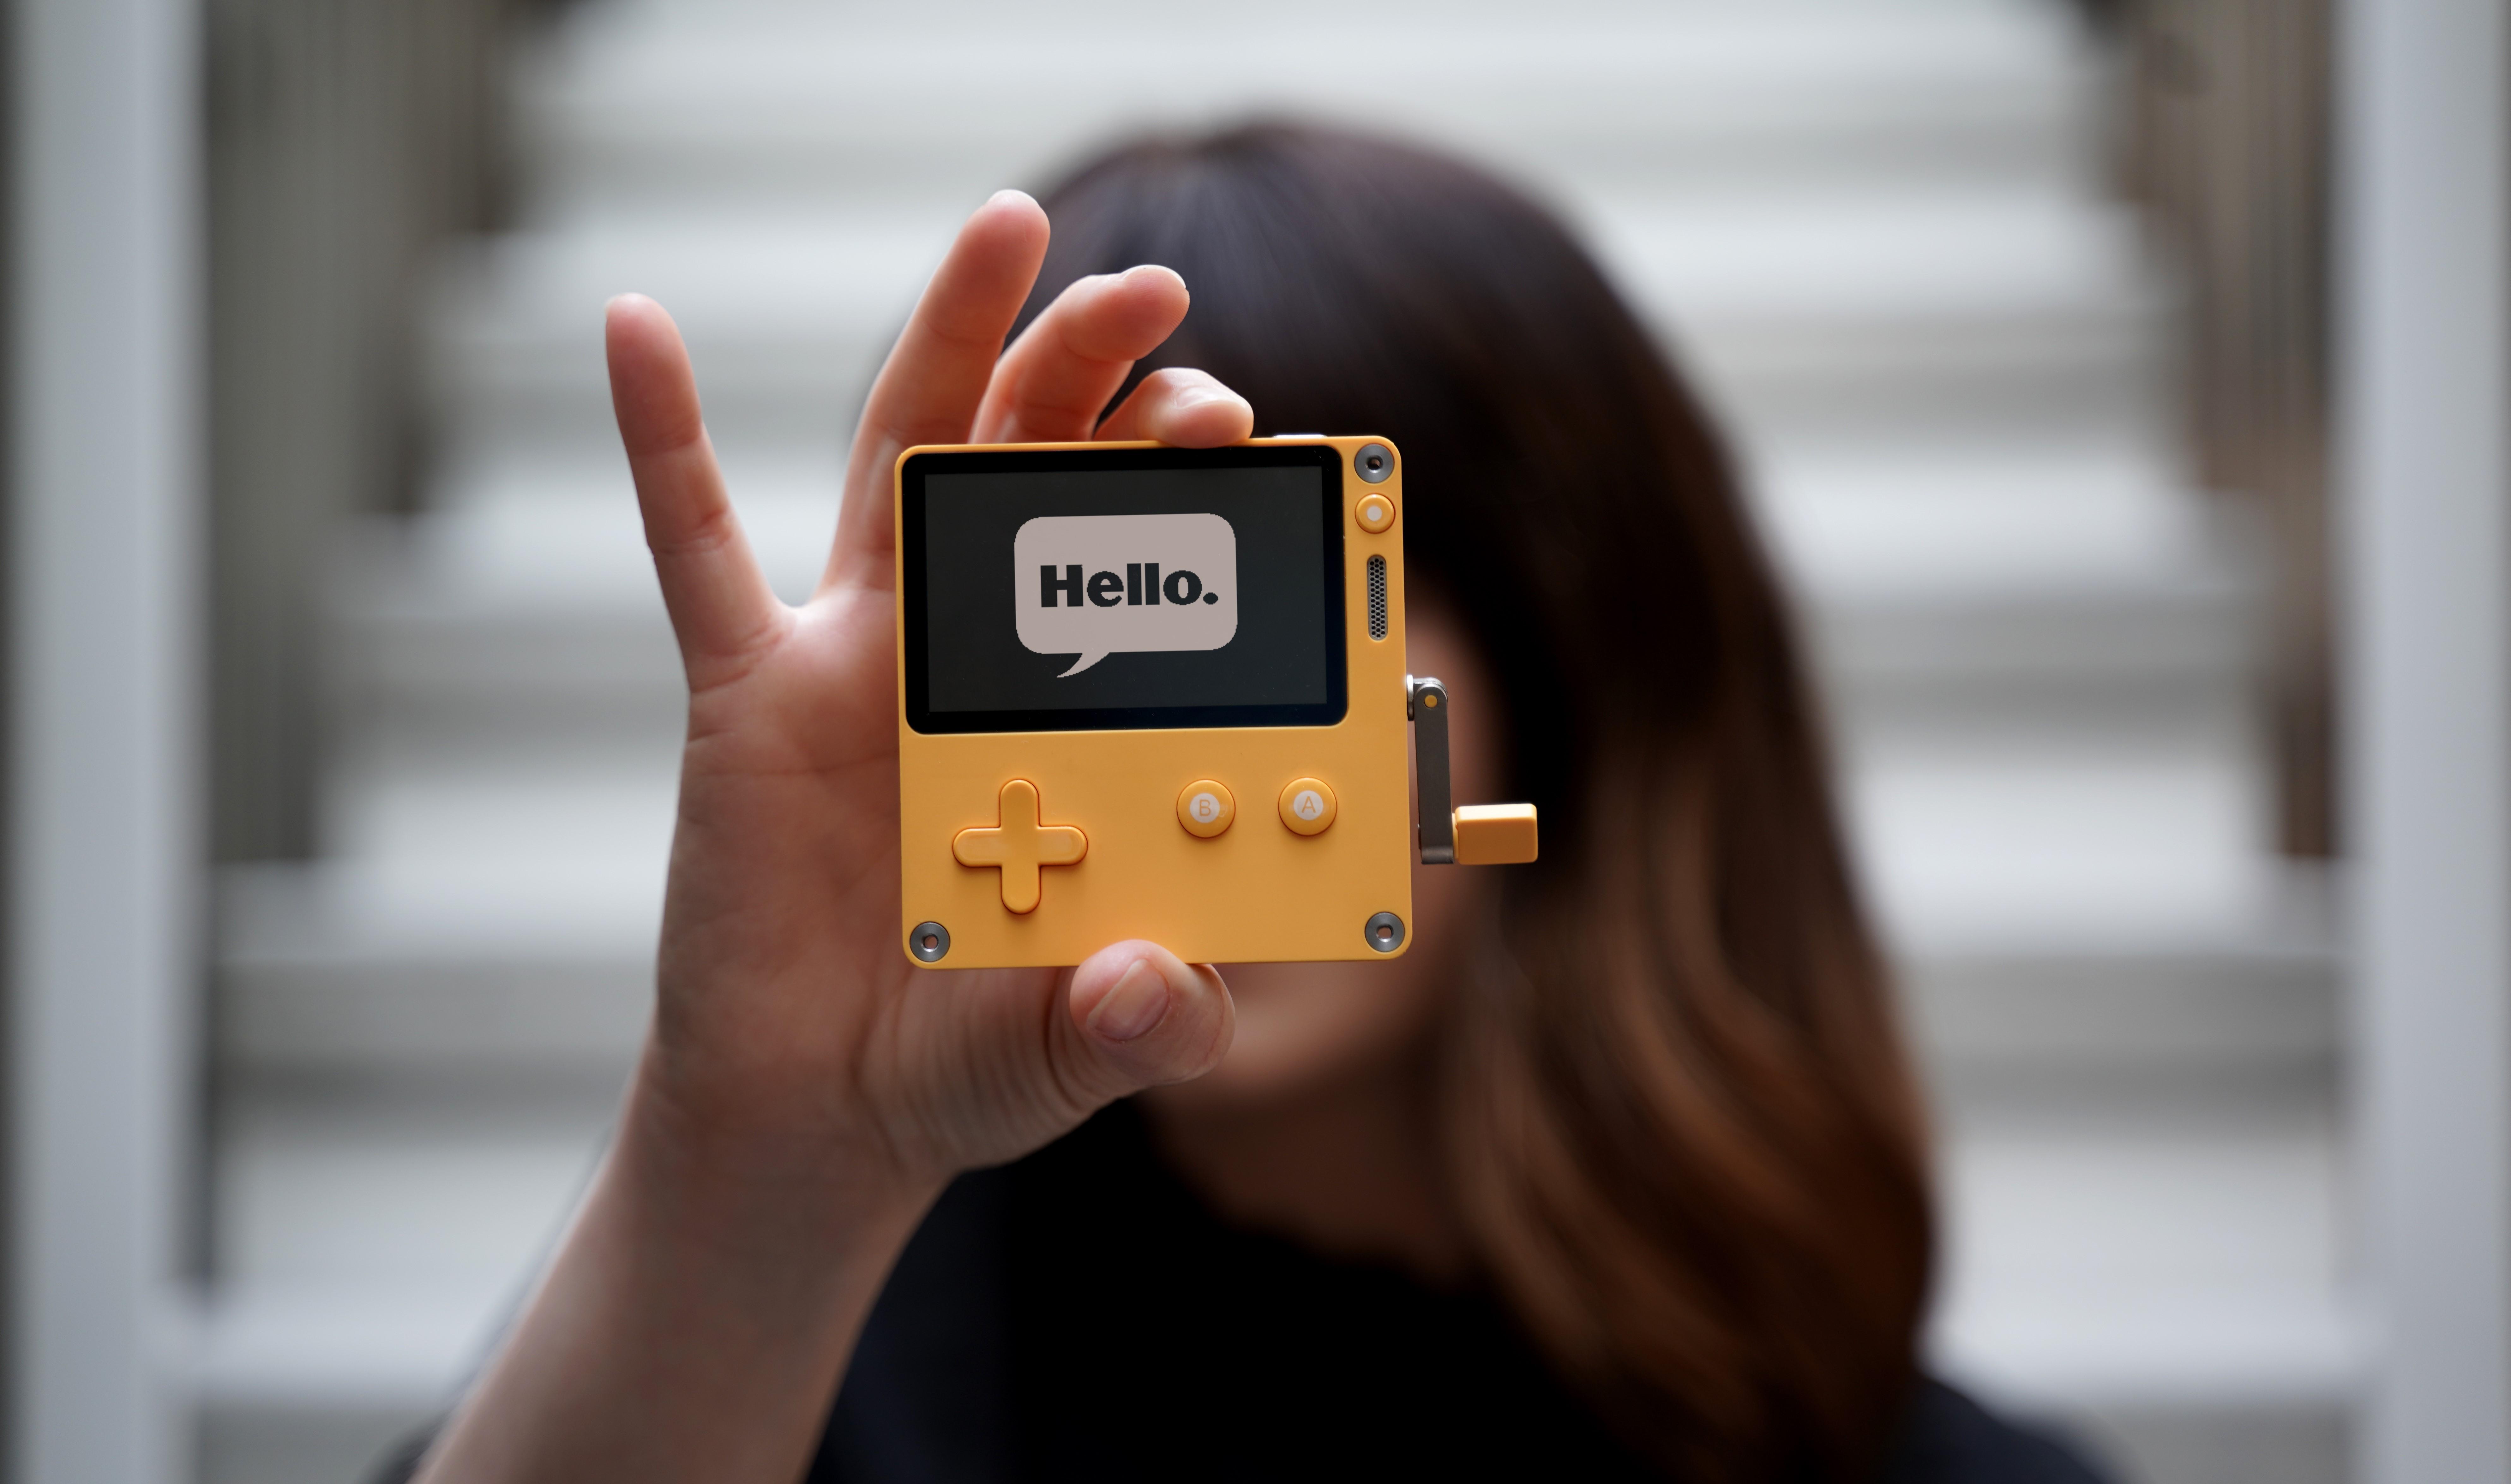 De Playdate wordt opgehouden door een medewerker van Panic Inc. Het is een klein, geel apparaatje met een zwart-witscherm en enkele besturingsknoppen.